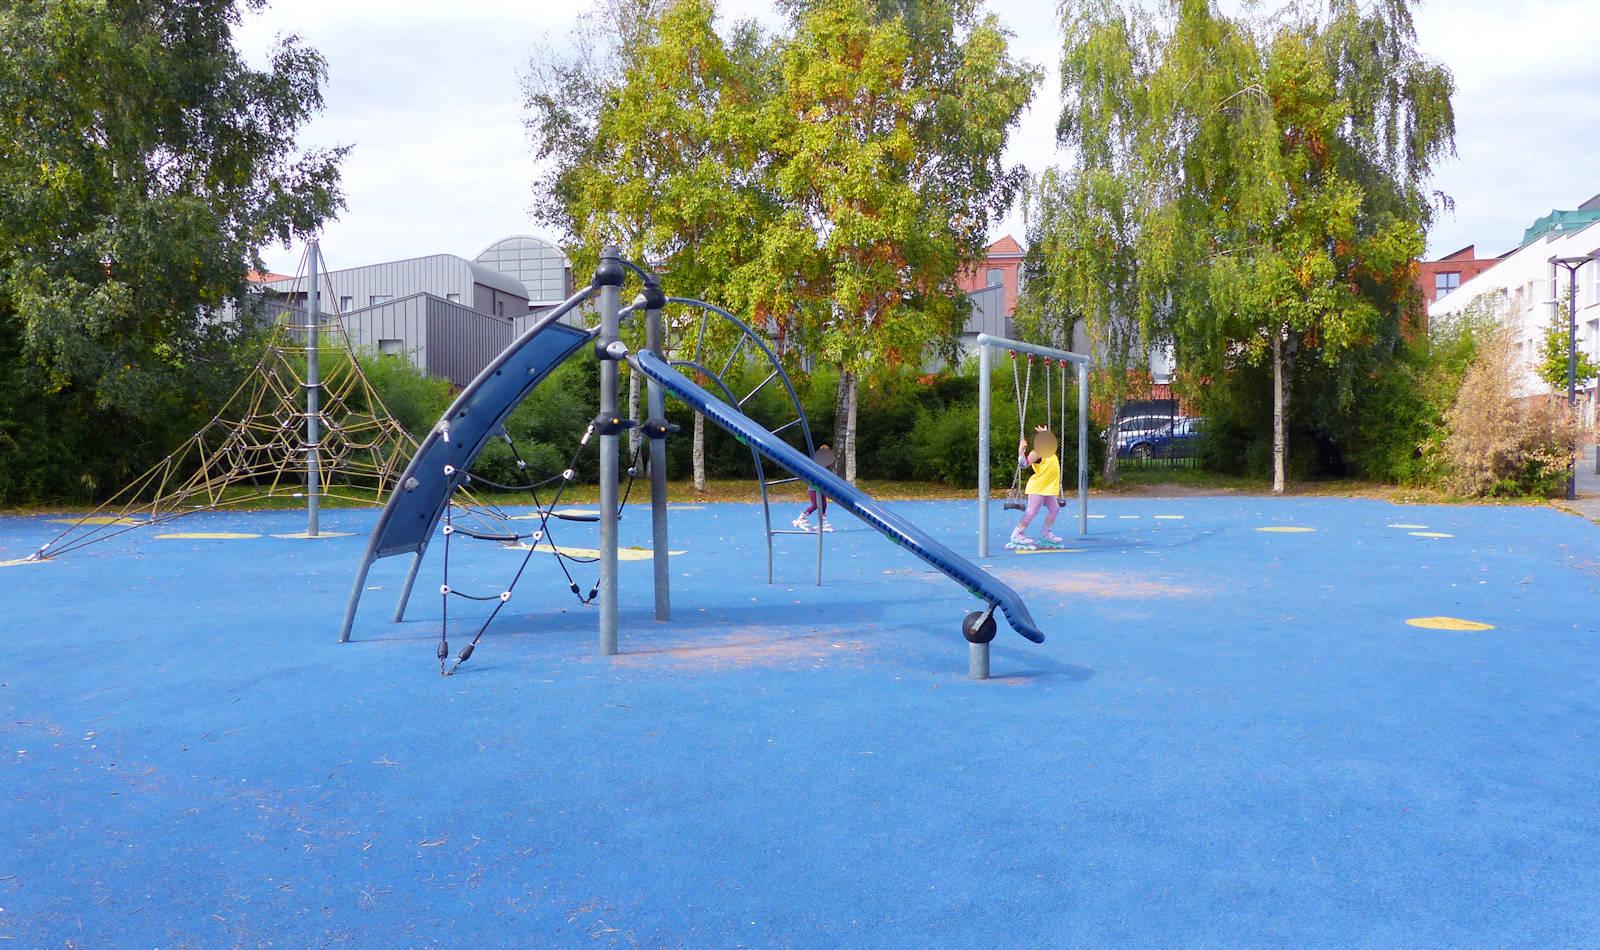 Jardin Jean Moulin, Tourcoing - Aire de jeux